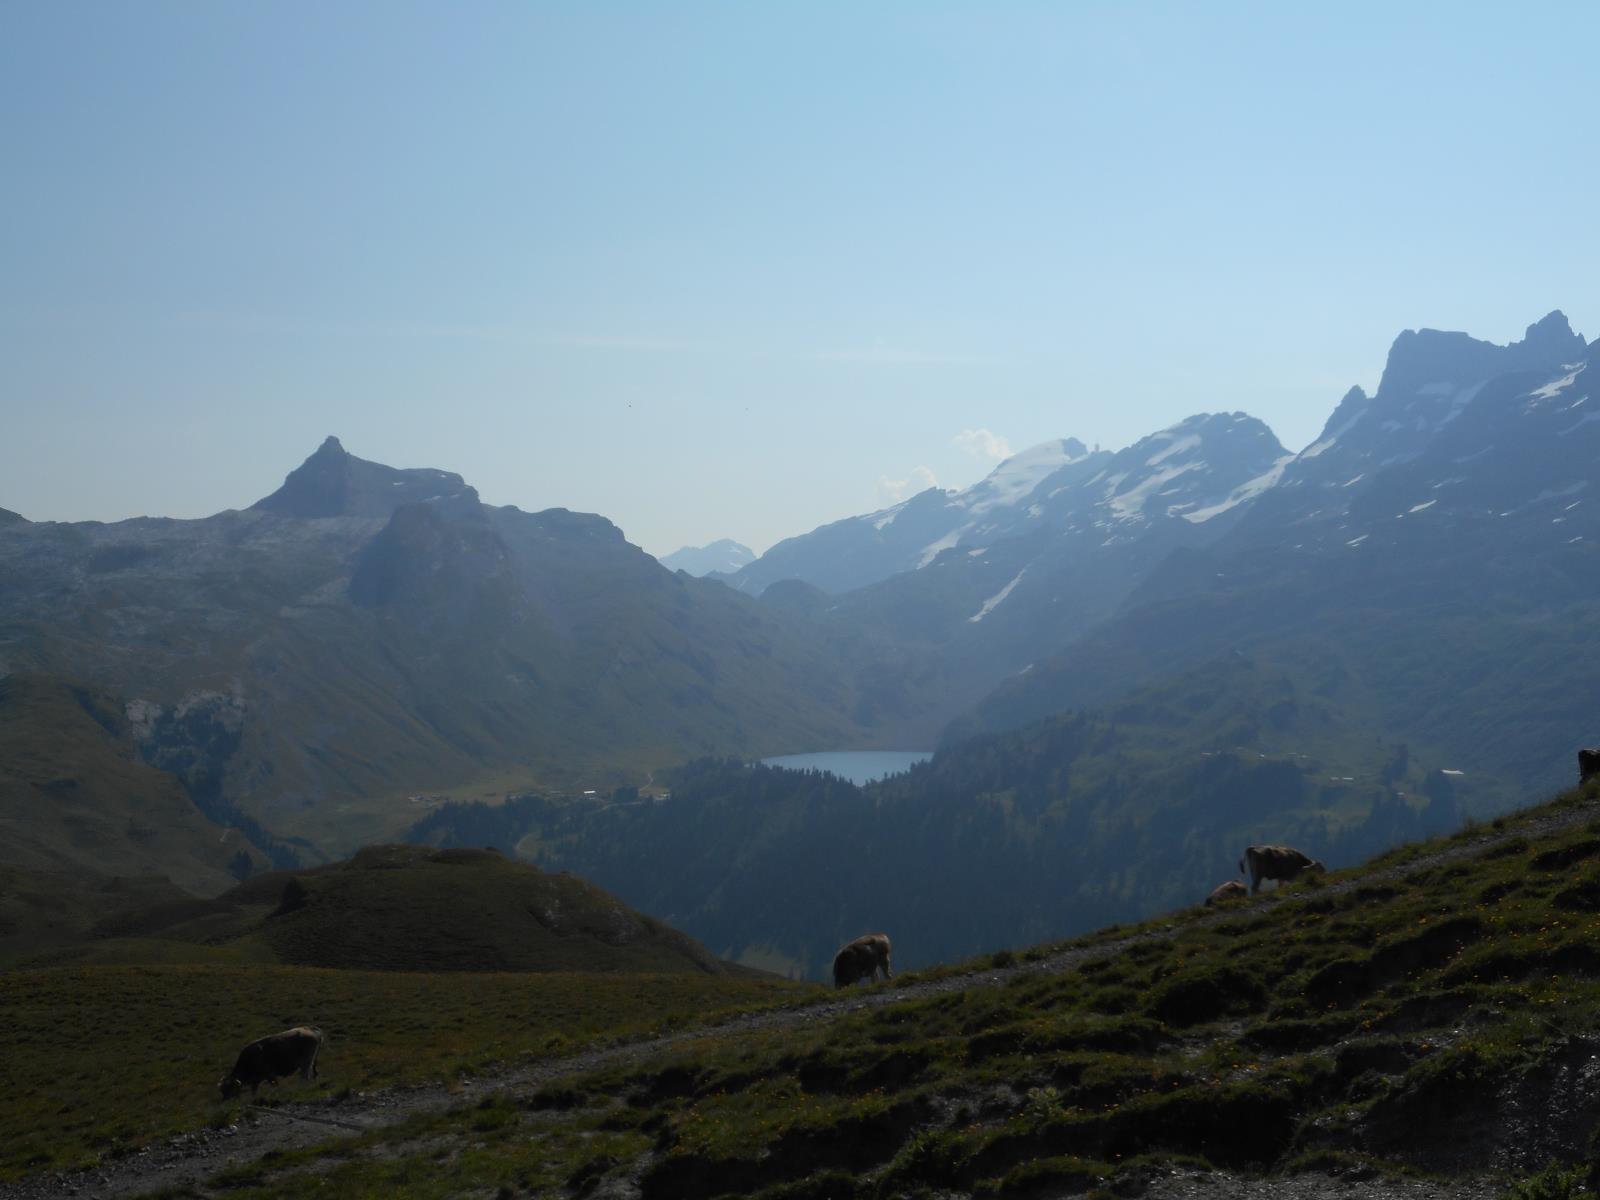 ... vers l'EngstlenSee et le Jochpass (2207m)